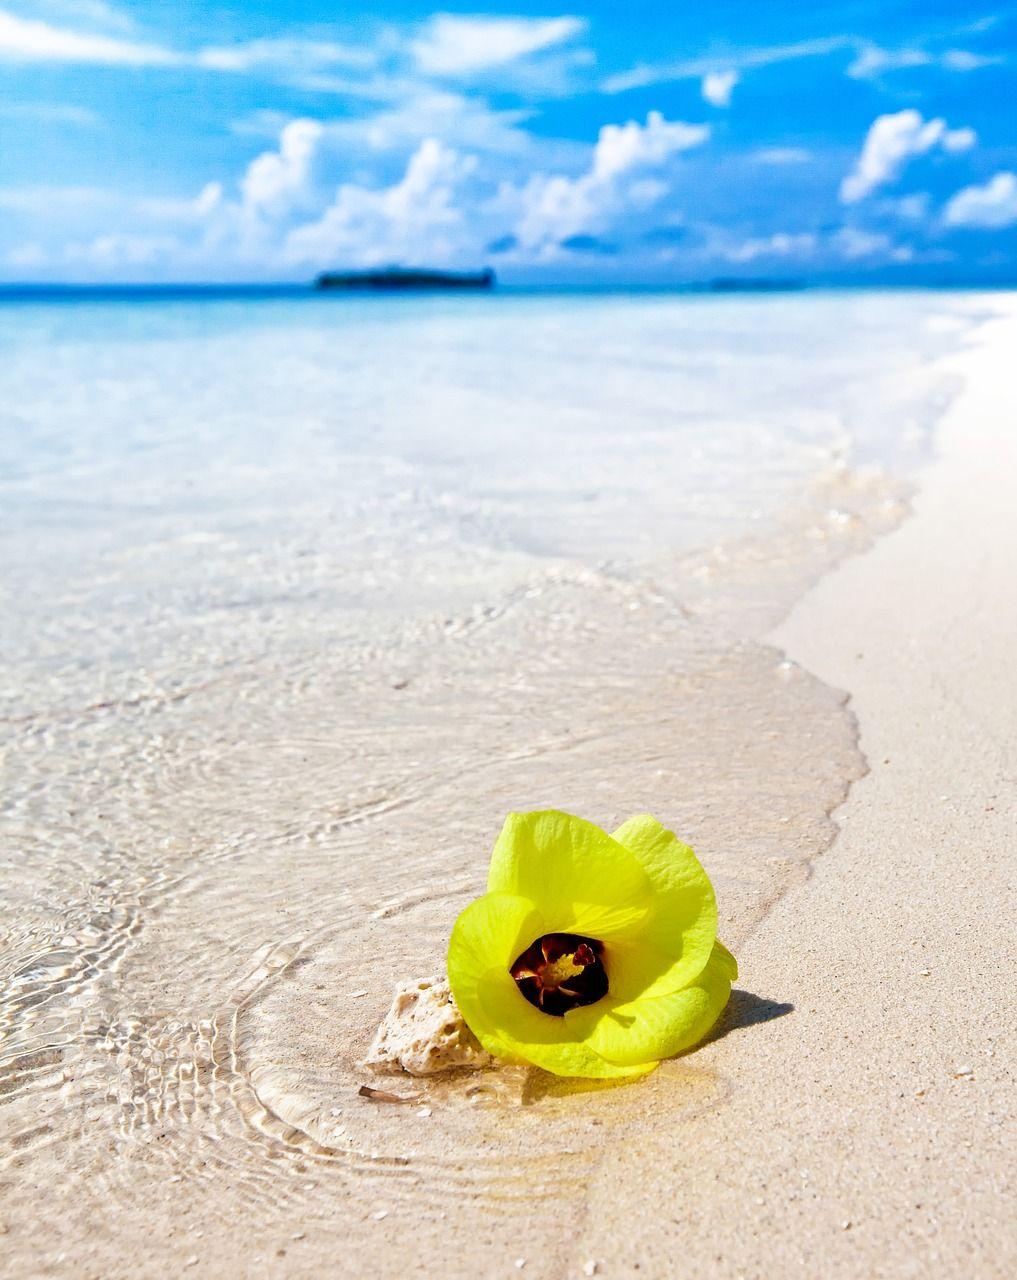 Island white sand beach beach yellow flowers turn island white island white sand beach beach yellow flowers turn island white mightylinksfo